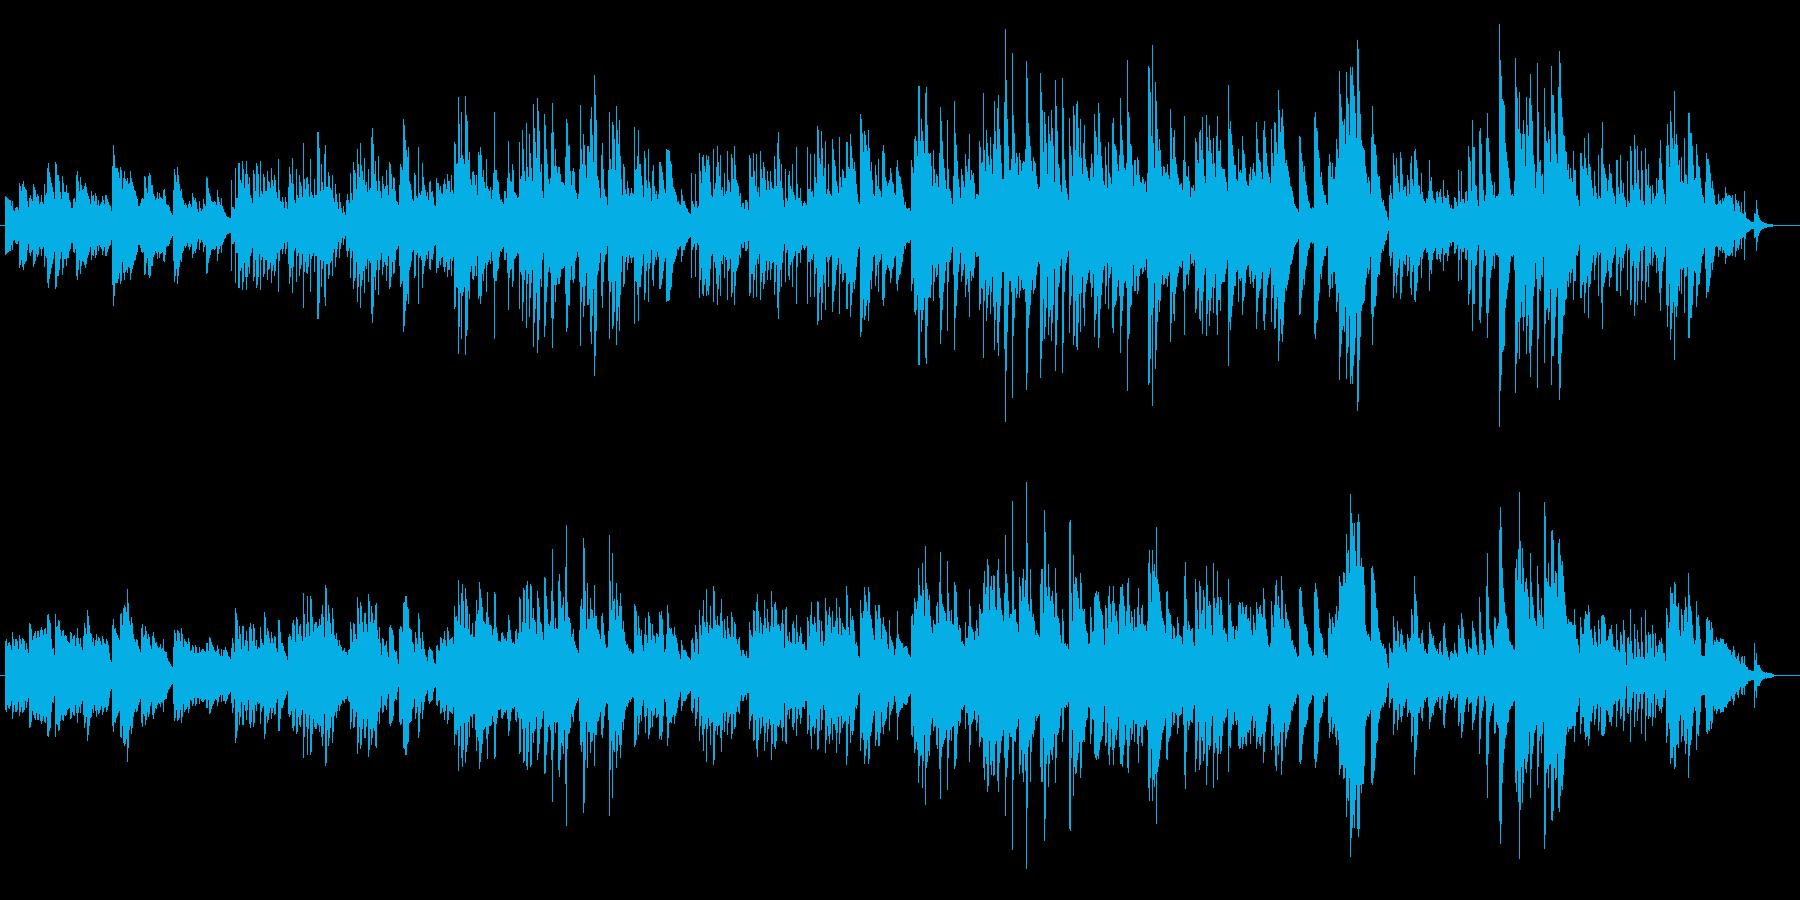 ピアノの物悲しい(マイナー)バラードの再生済みの波形